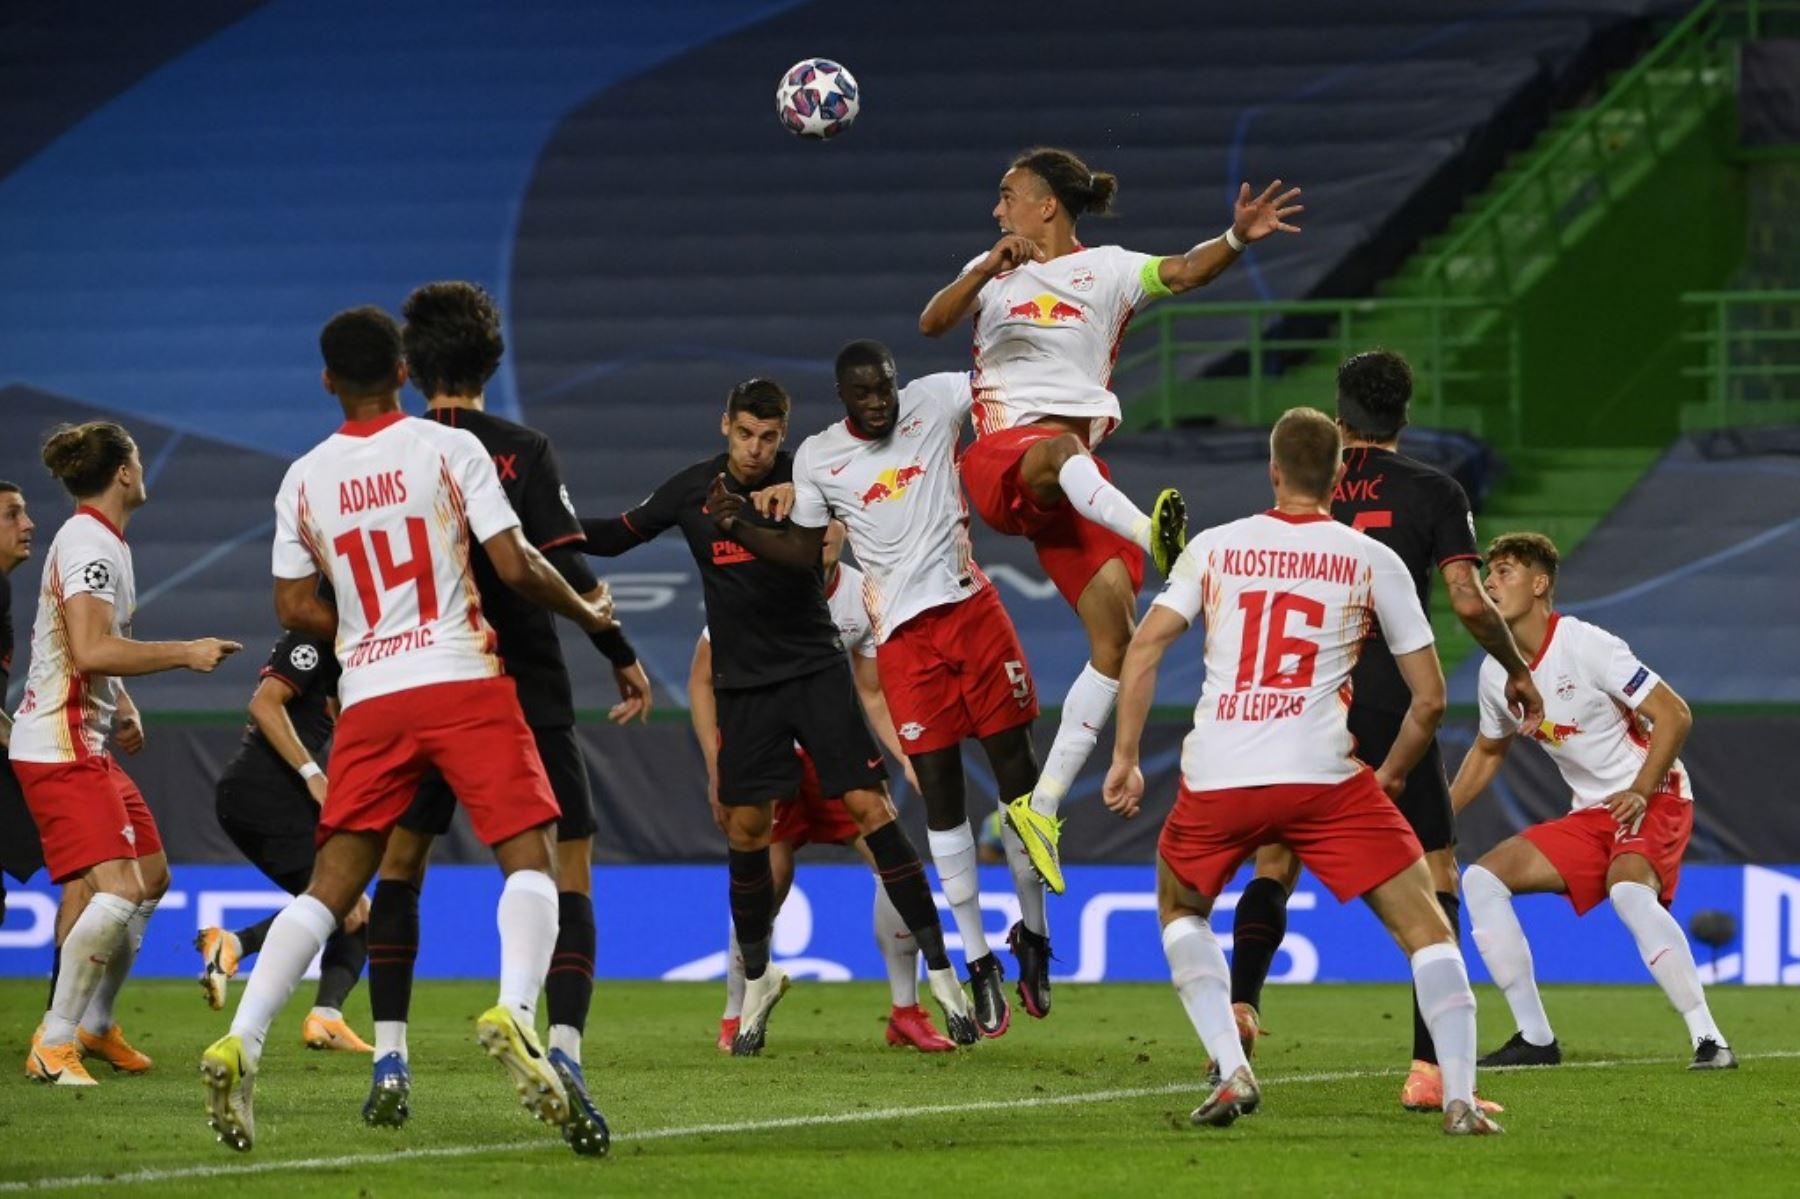 El delantero danés de Leipzig, Yussuf Poulsen, cabecea el balón durante el partido de fútbol de cuartos de final de la Liga de Campeones de la UEFA entre Leipzig y Atlético de Madrid en el estadio José Alvalade de Lisboa.Foto:AFP